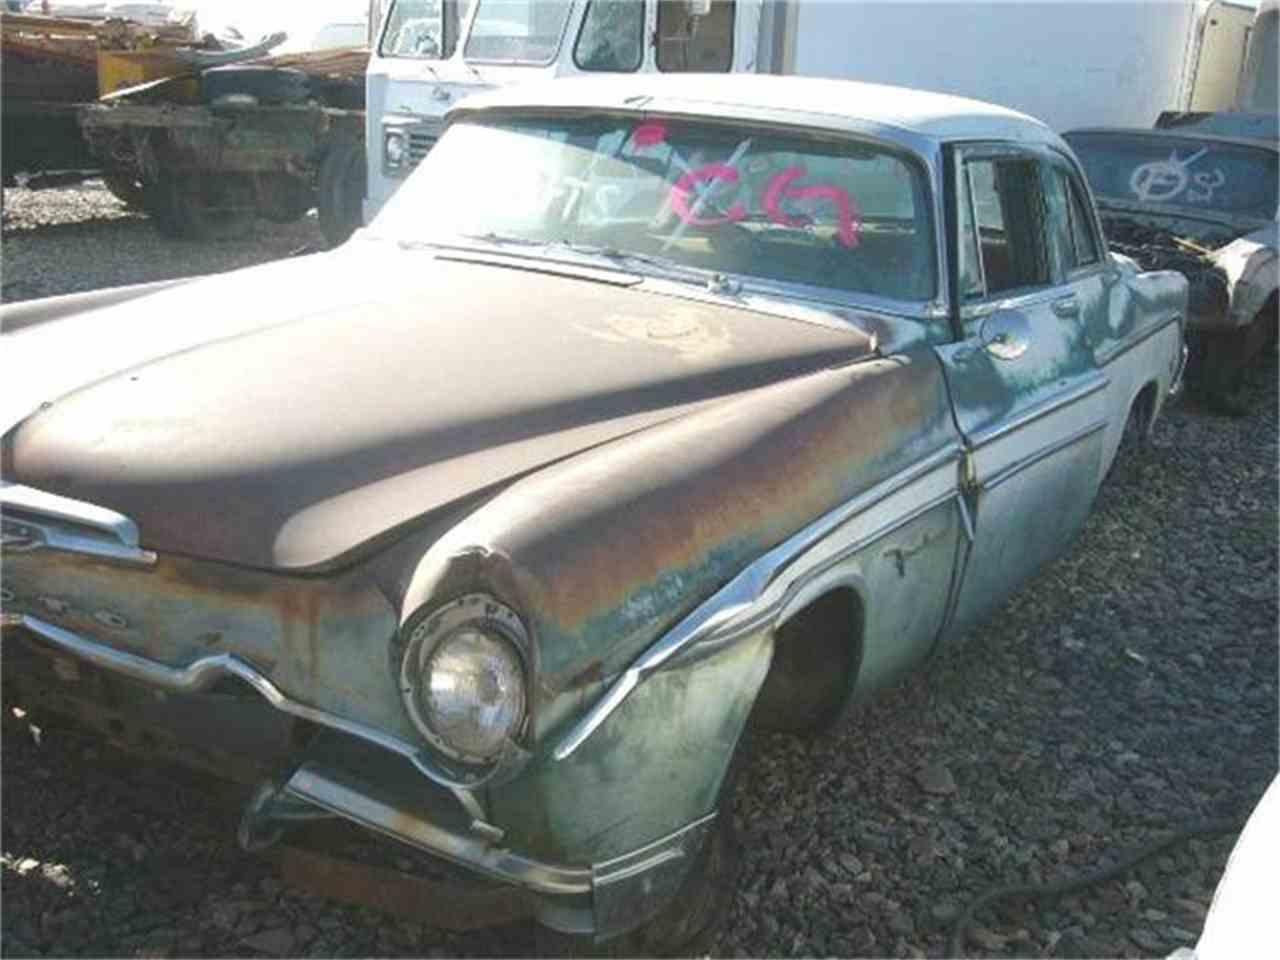 1956 desoto firedome seville 4 door hardtop 1 of 10 - 1955 Desoto Firedome 397093